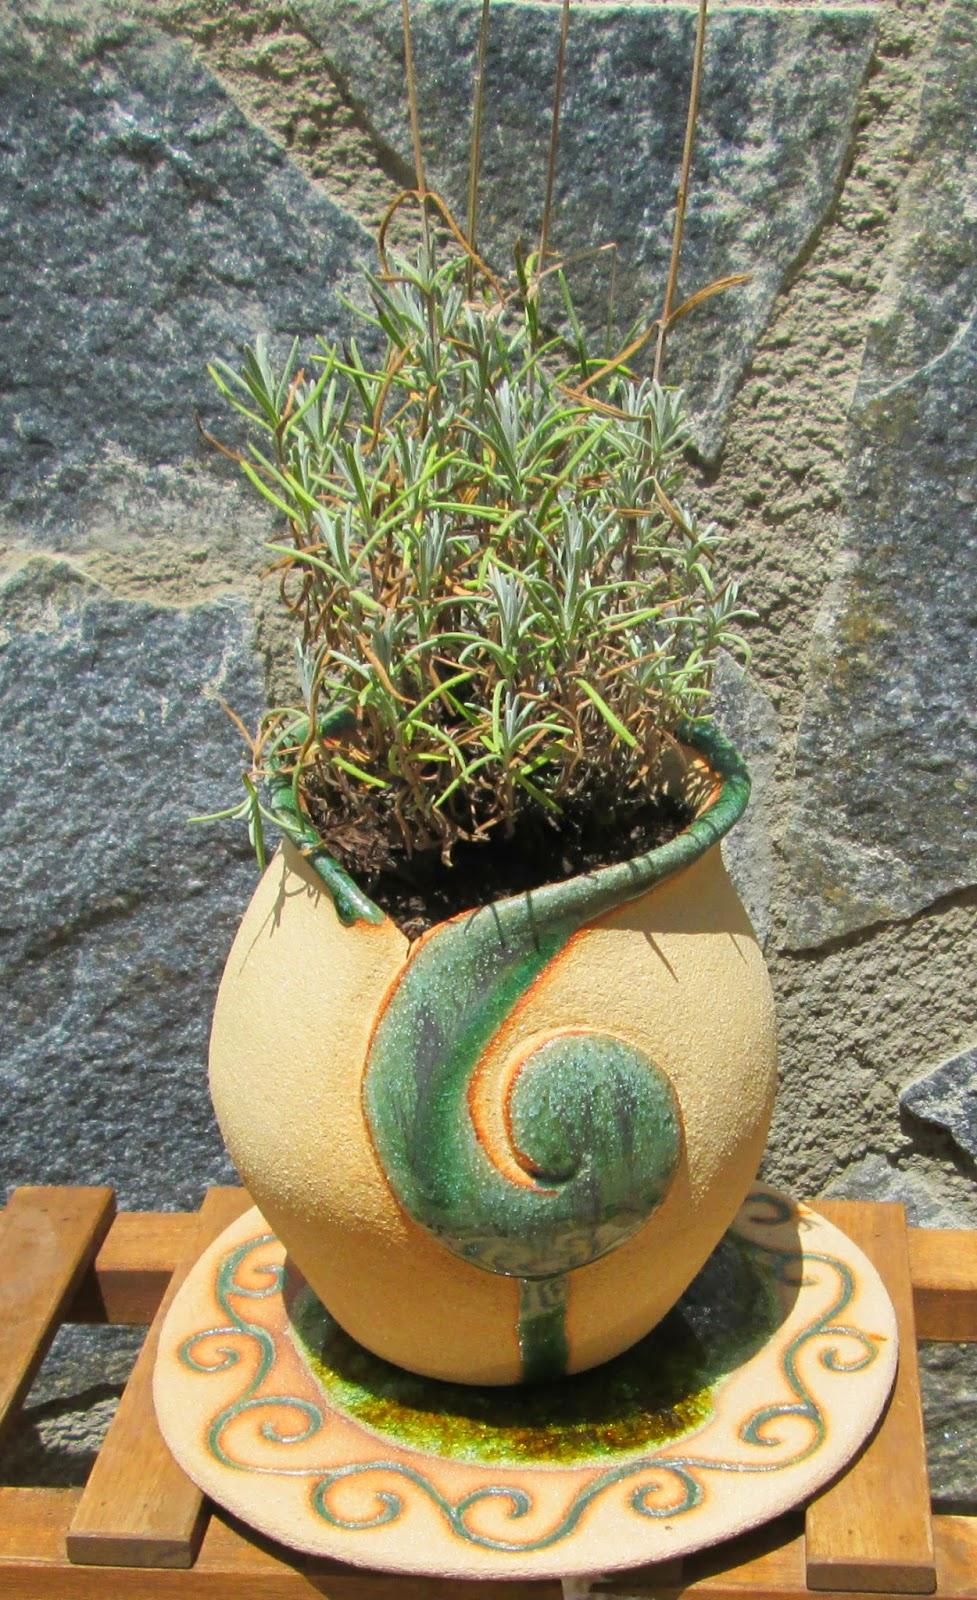 macetas para el jardin, macetas decoradas, macetas para exterior, macetas paa cactus, macetas de cerámica, macetas de cerámica decoradas, macetas decoración tendencia